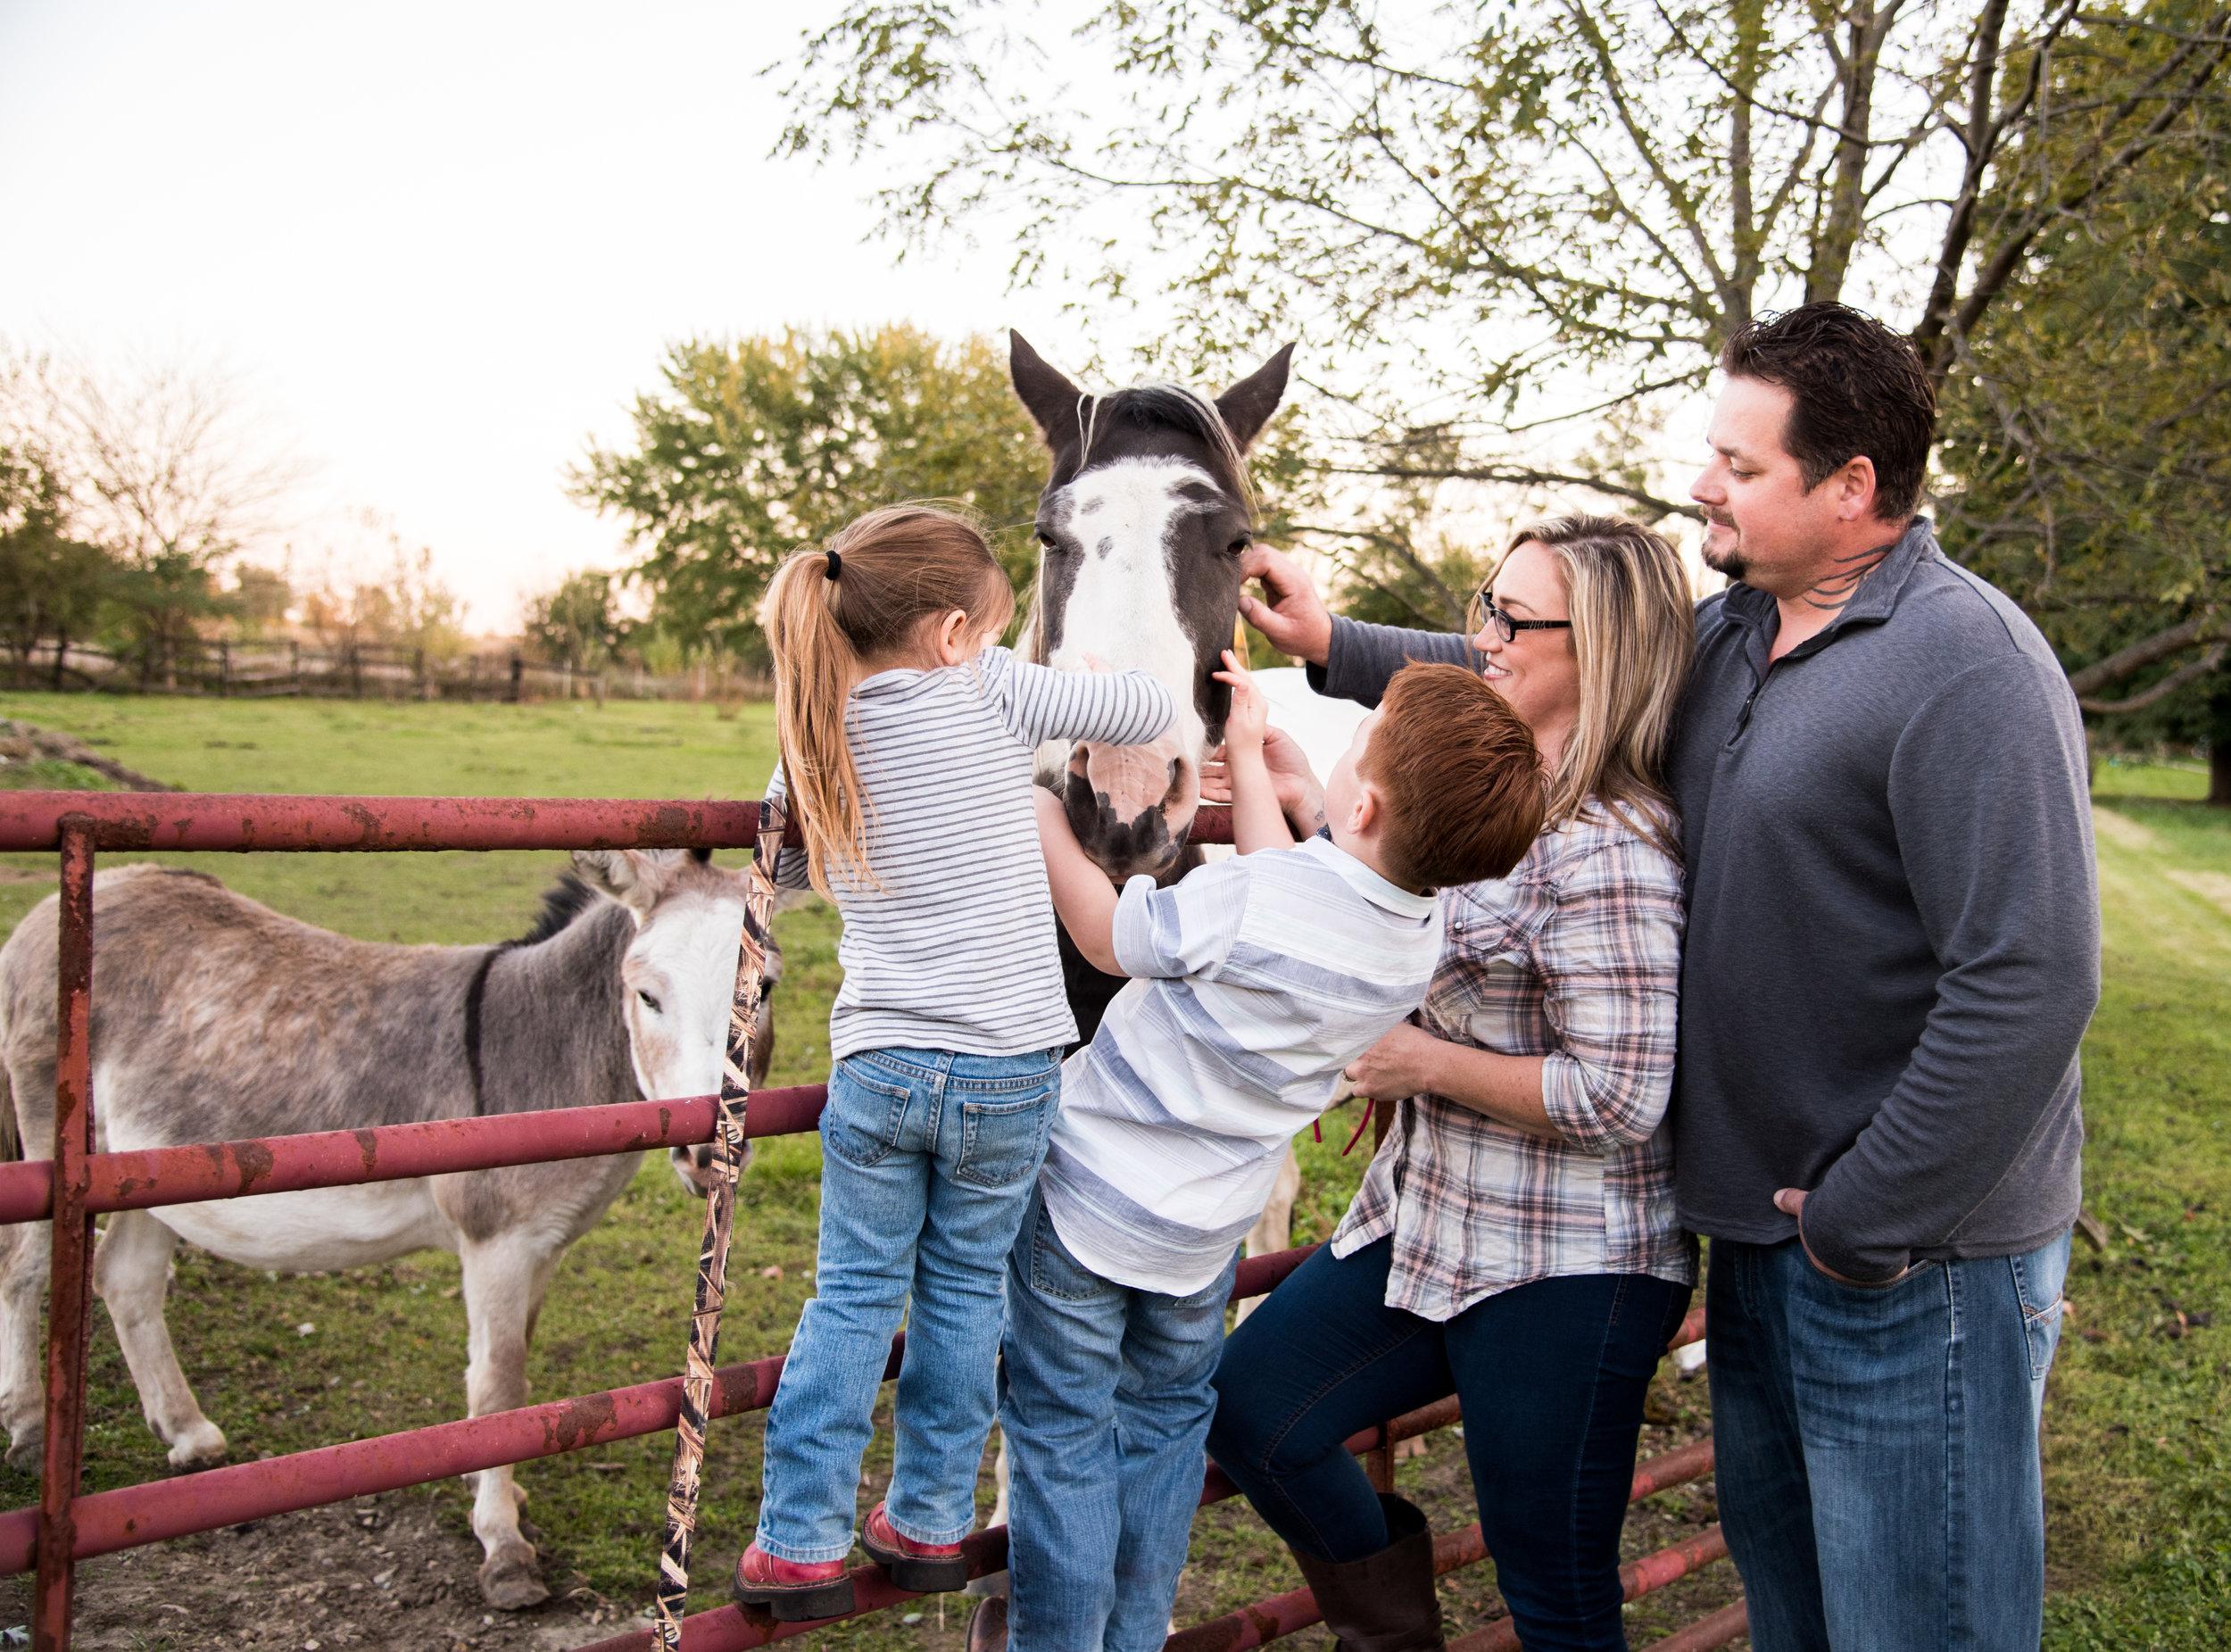 Muncie Indiana Kyla Jo Photography Family Photographer Midwest Indiana animal photographer